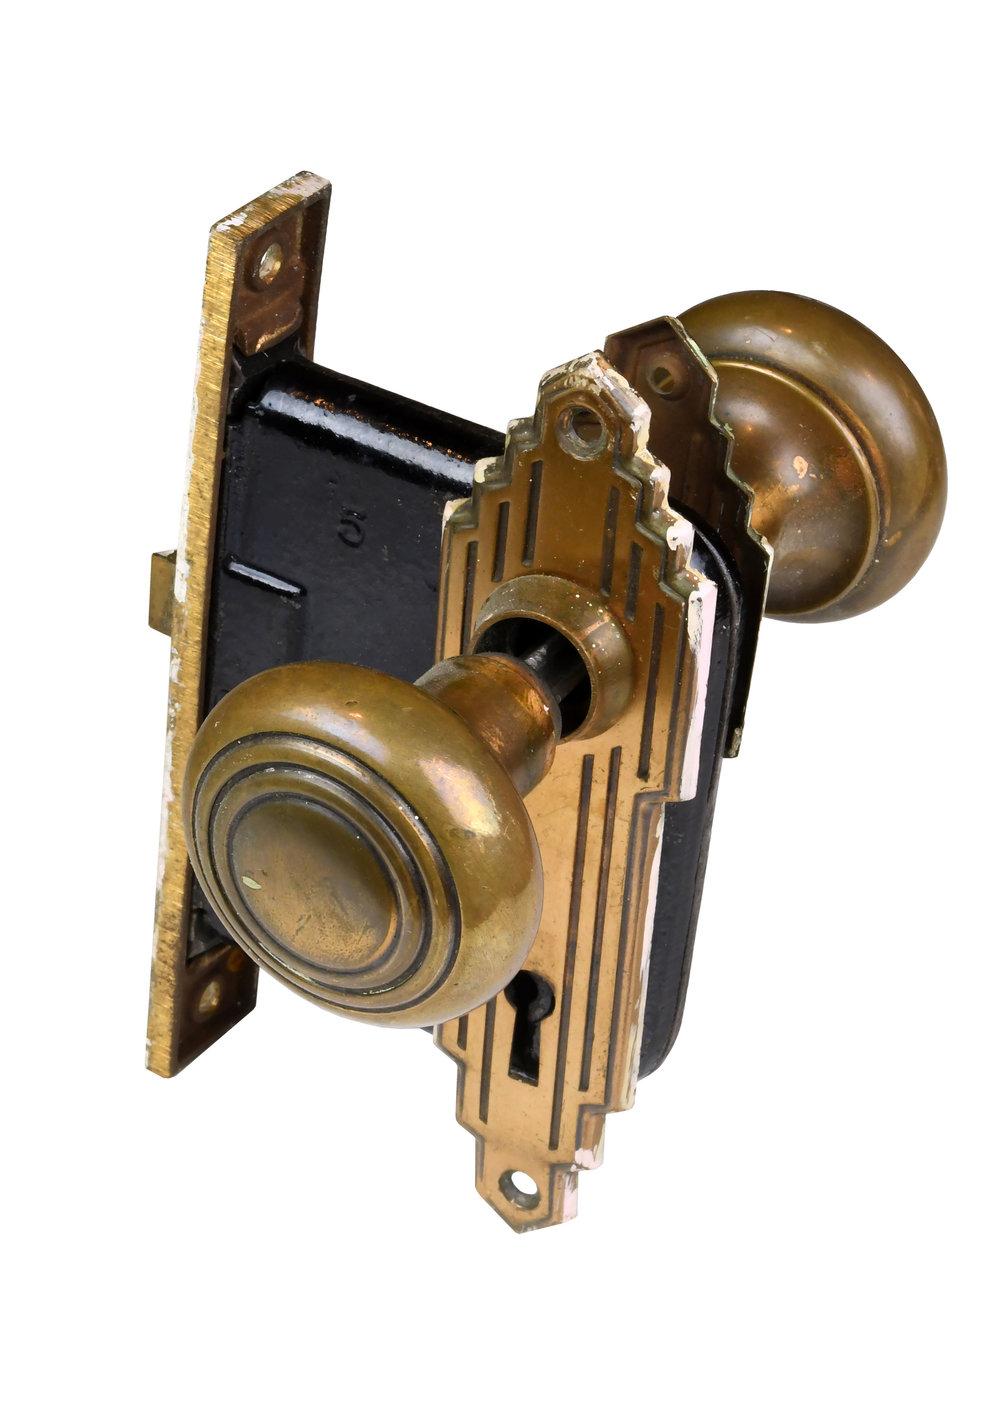 H20162-art-deco-knob-set-main-image.jpg